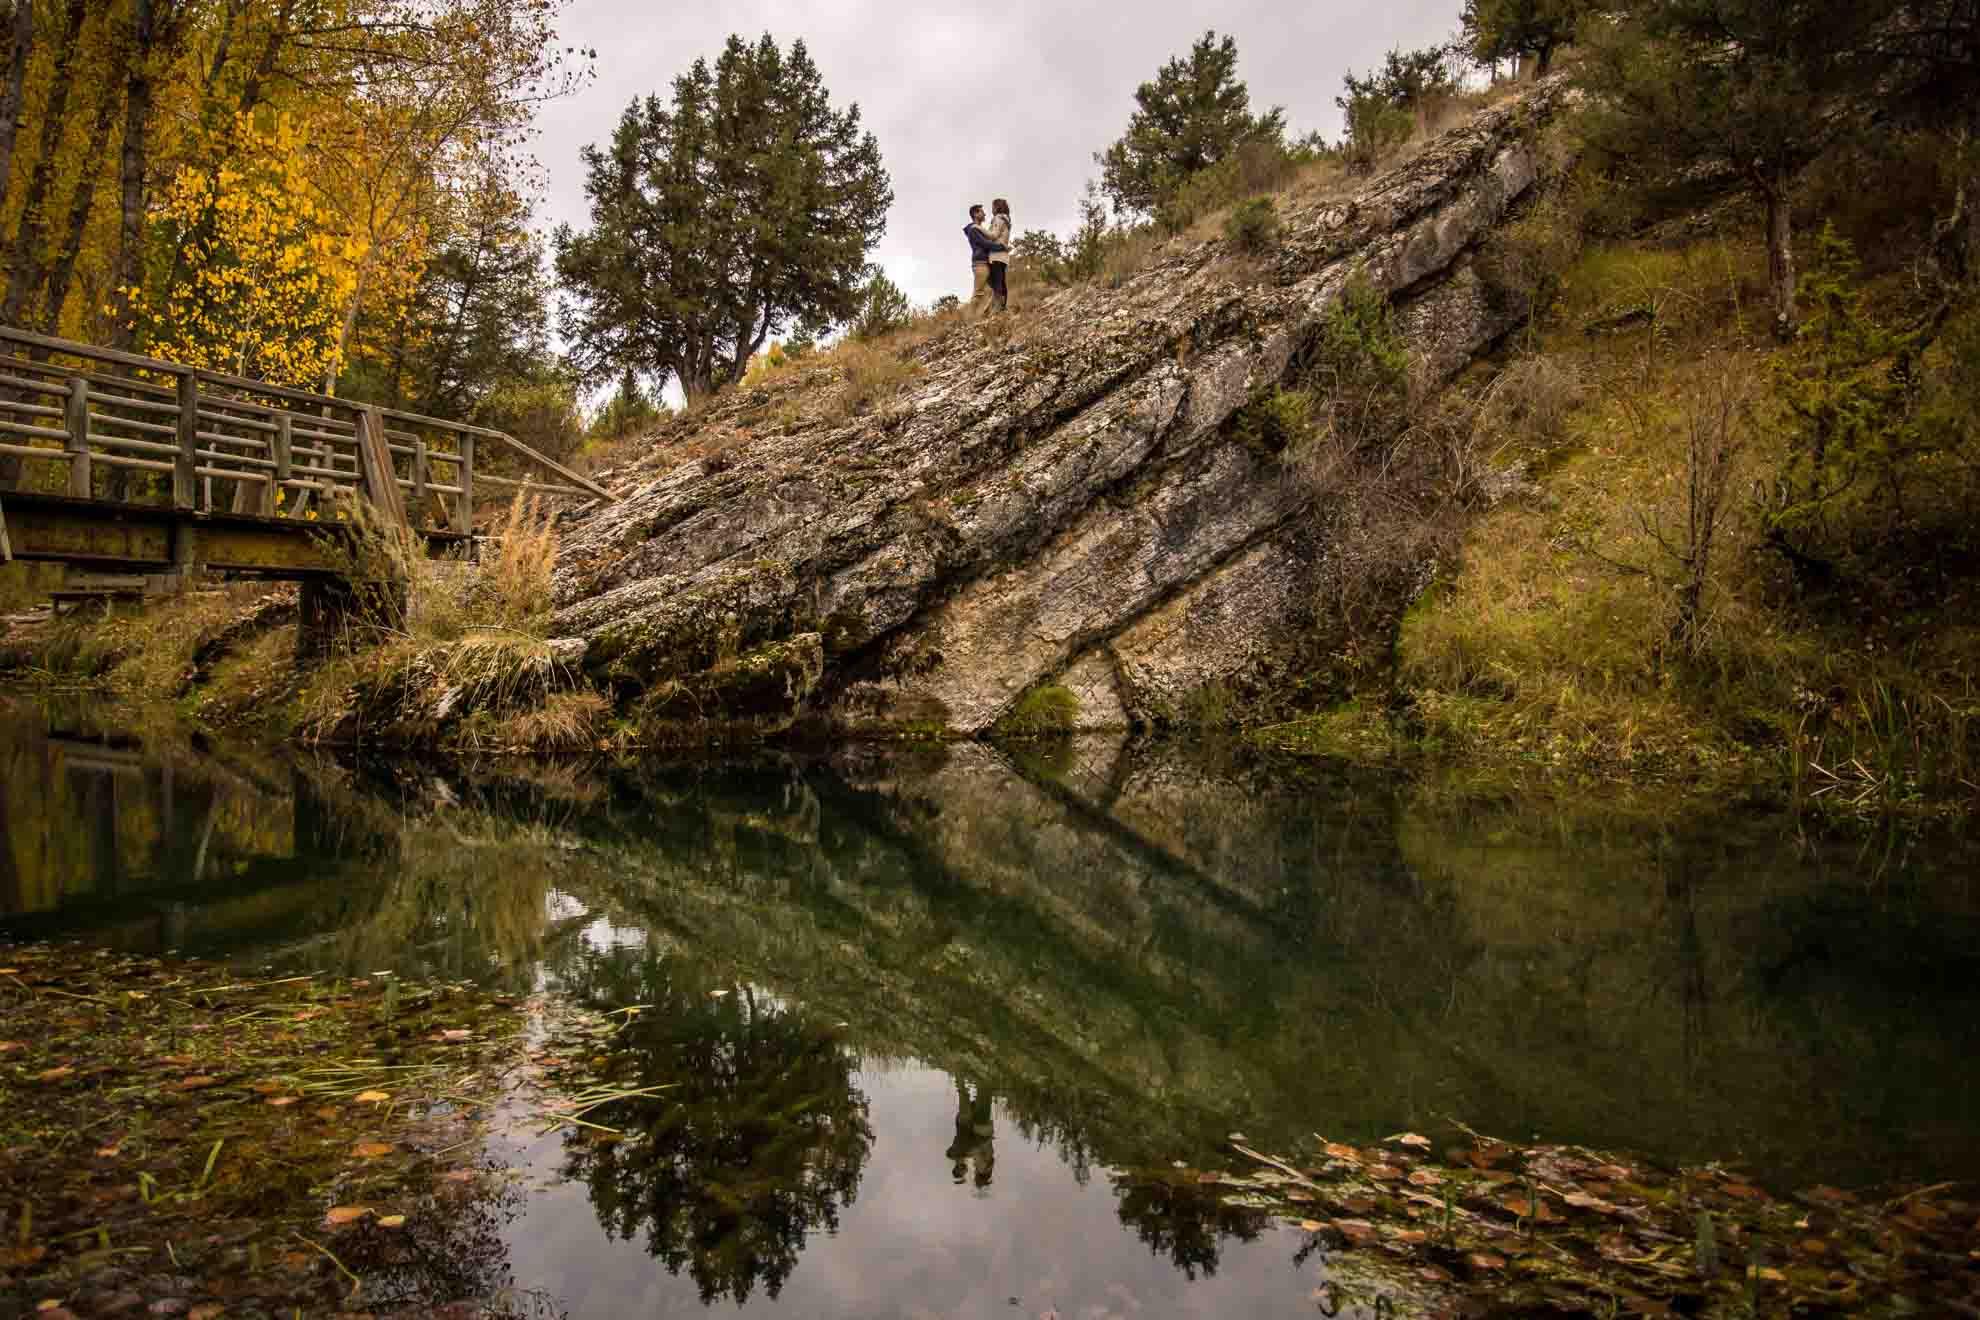 El reflejo de la pareja en el río Abión de la fuentona en una preboda en Soria